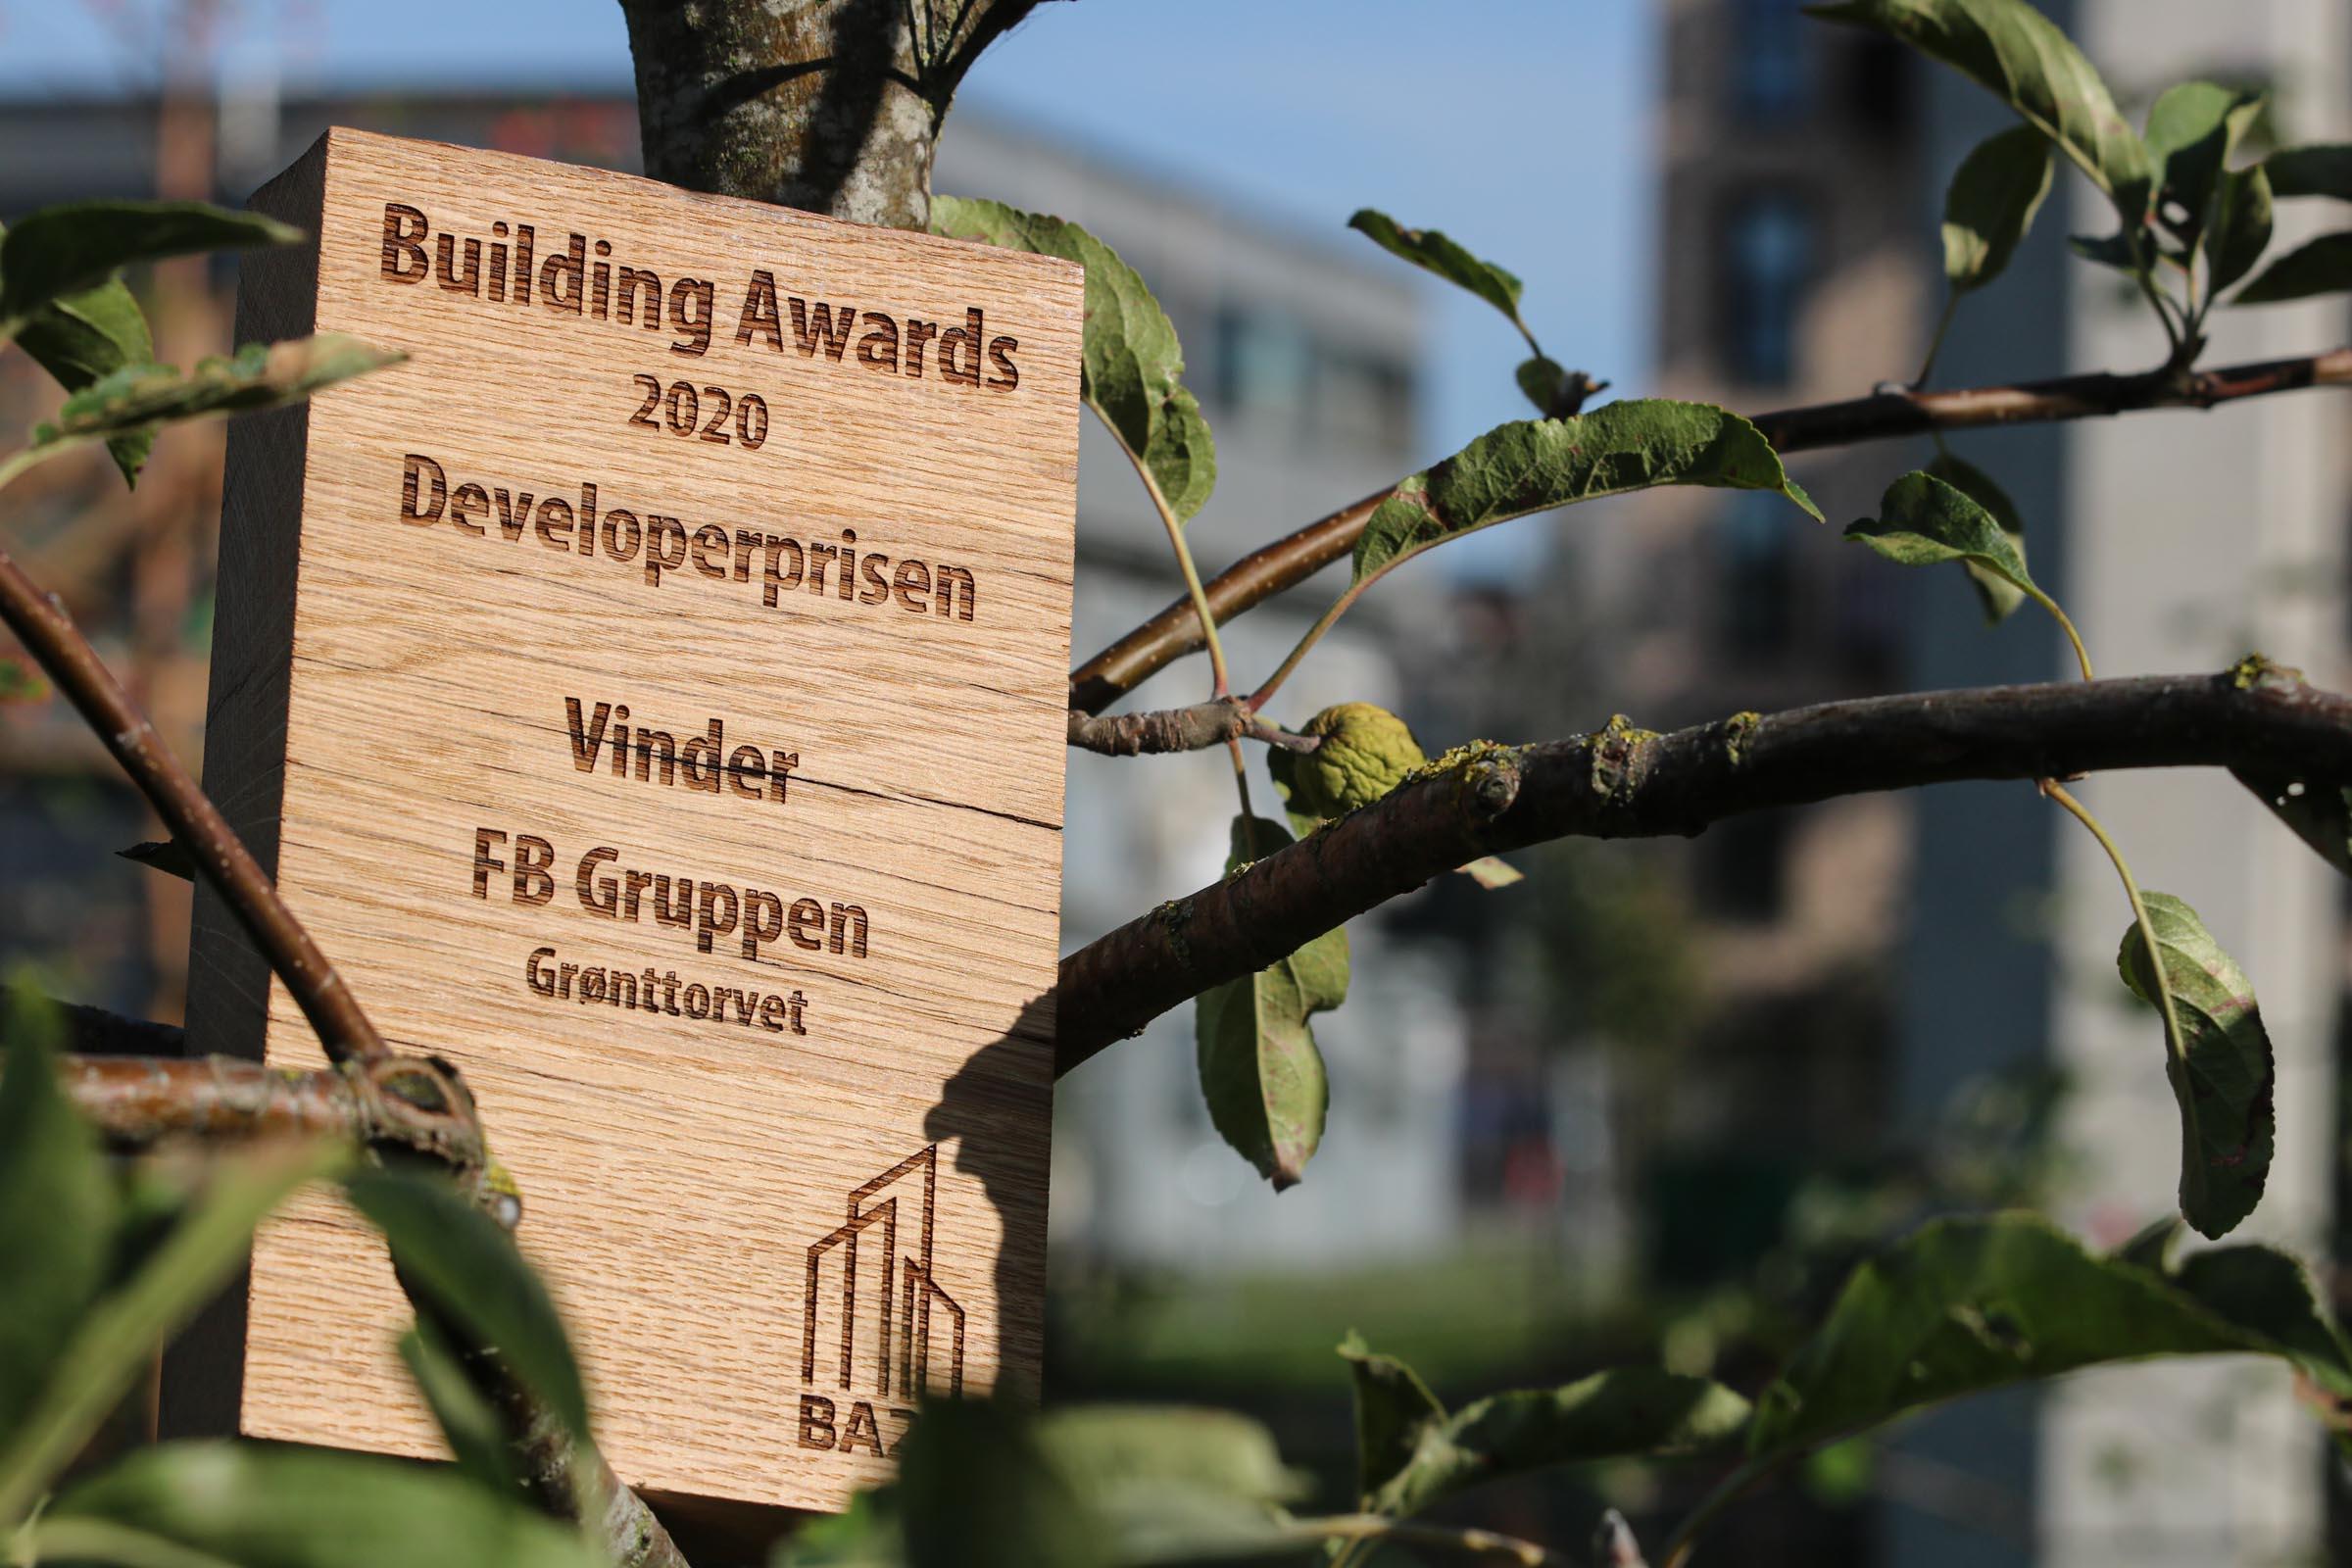 Developerprisen 2020 Grønttorvet FB Gruppen